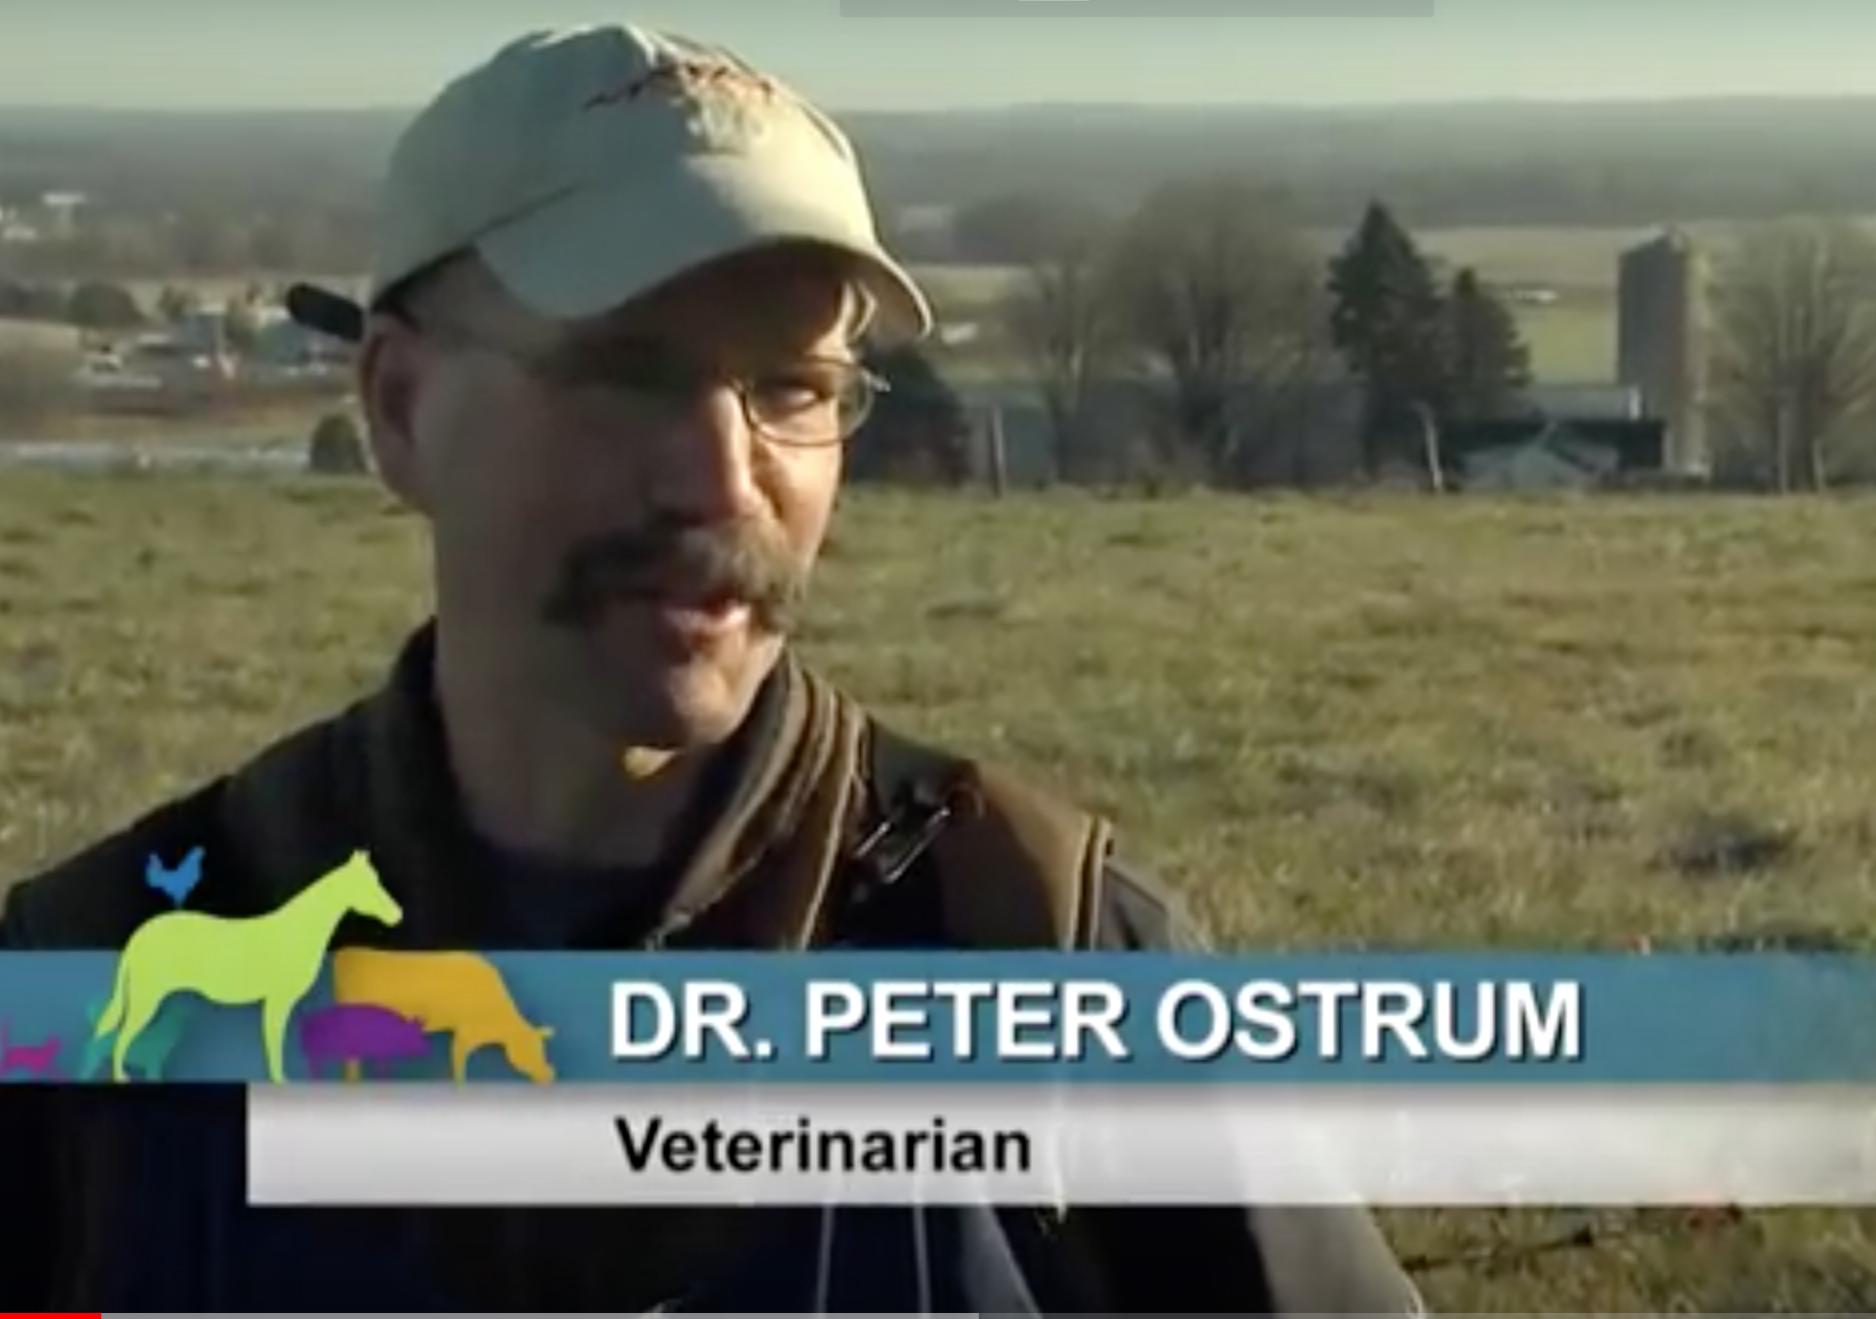 Peter Ostrum celebrities with normal jobs